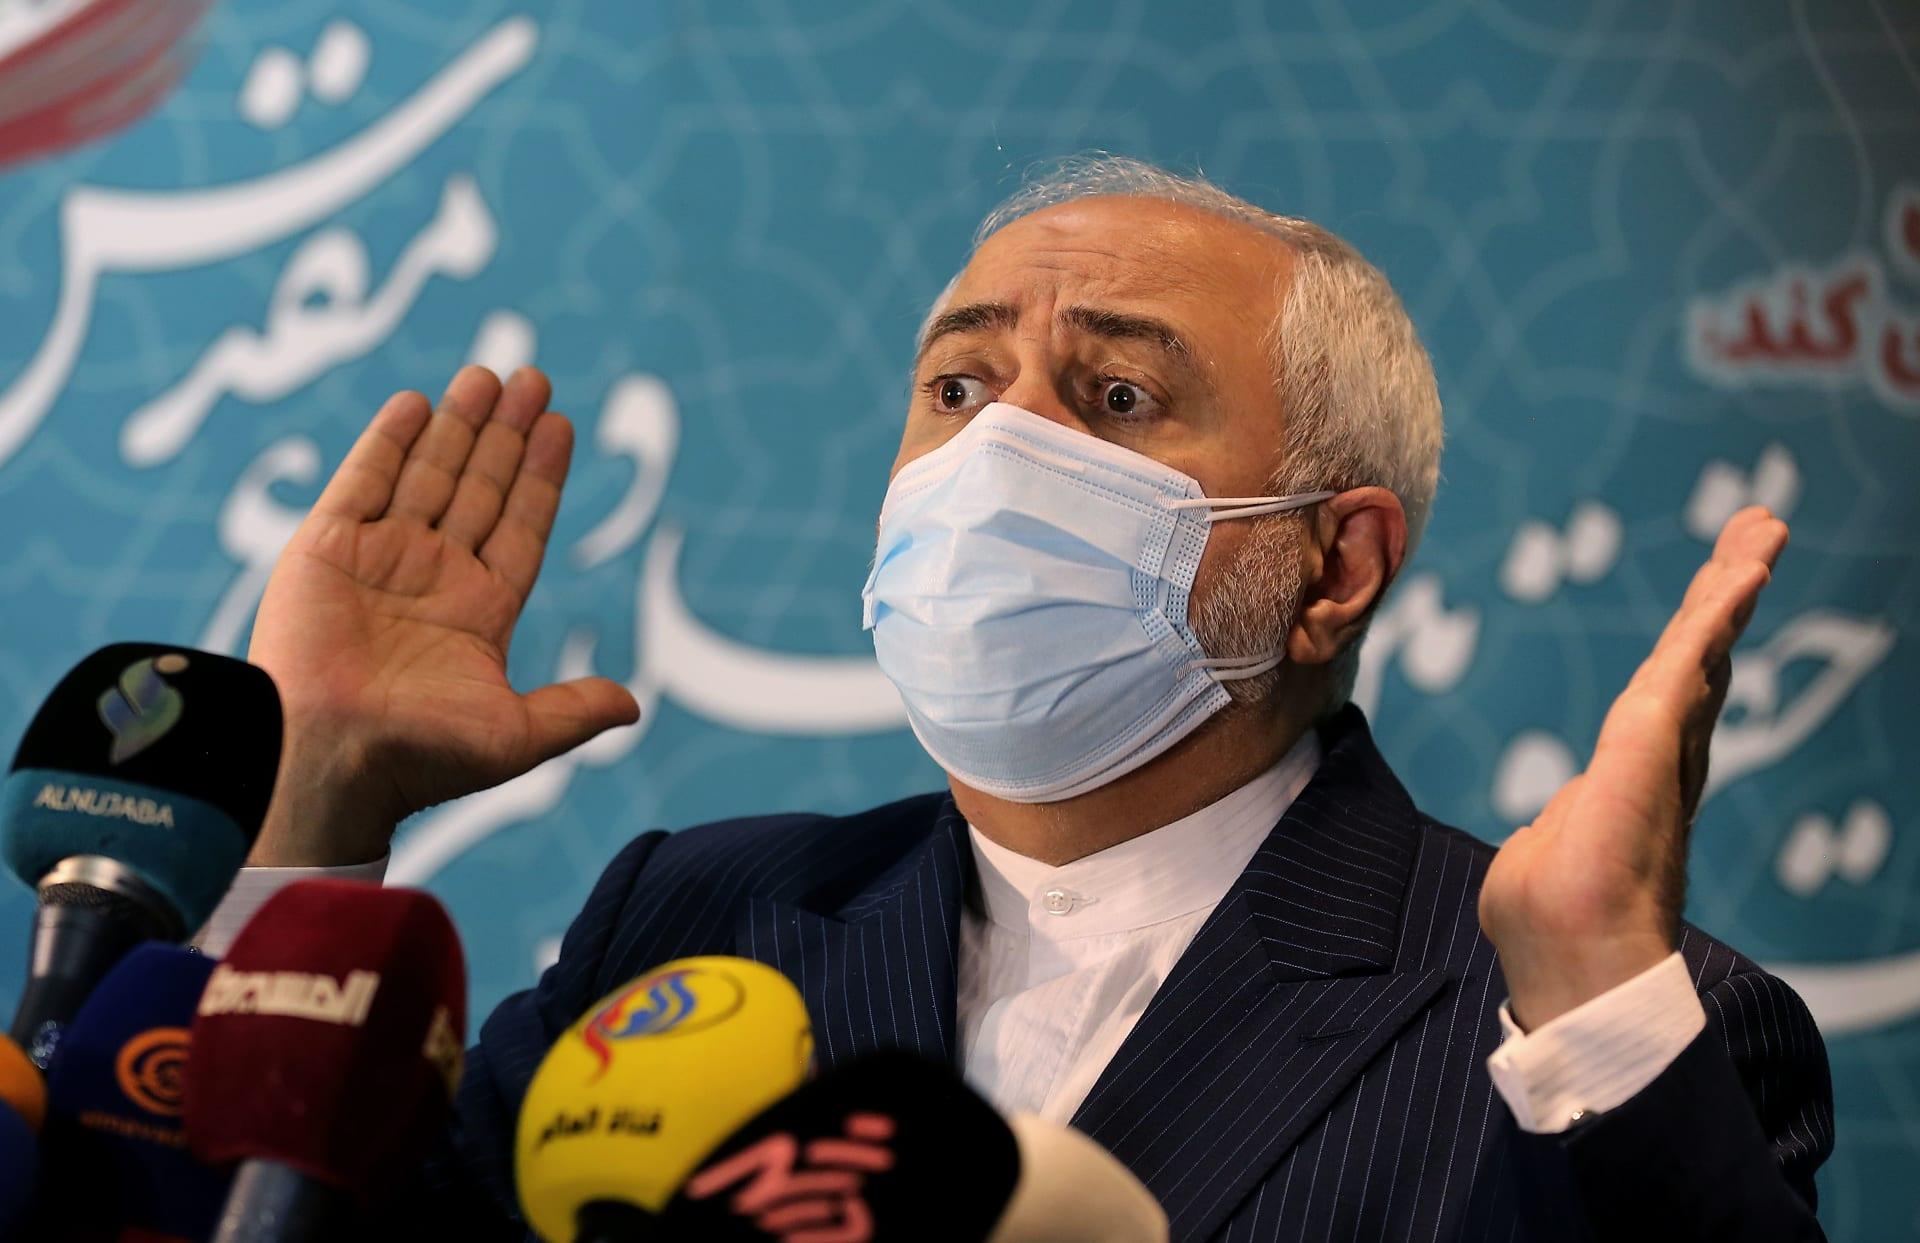 إيران ترفض مقترح عقد محادثات مع أمريكا ودول الترويكا الأوروبية بشأن الاتفاق النووي